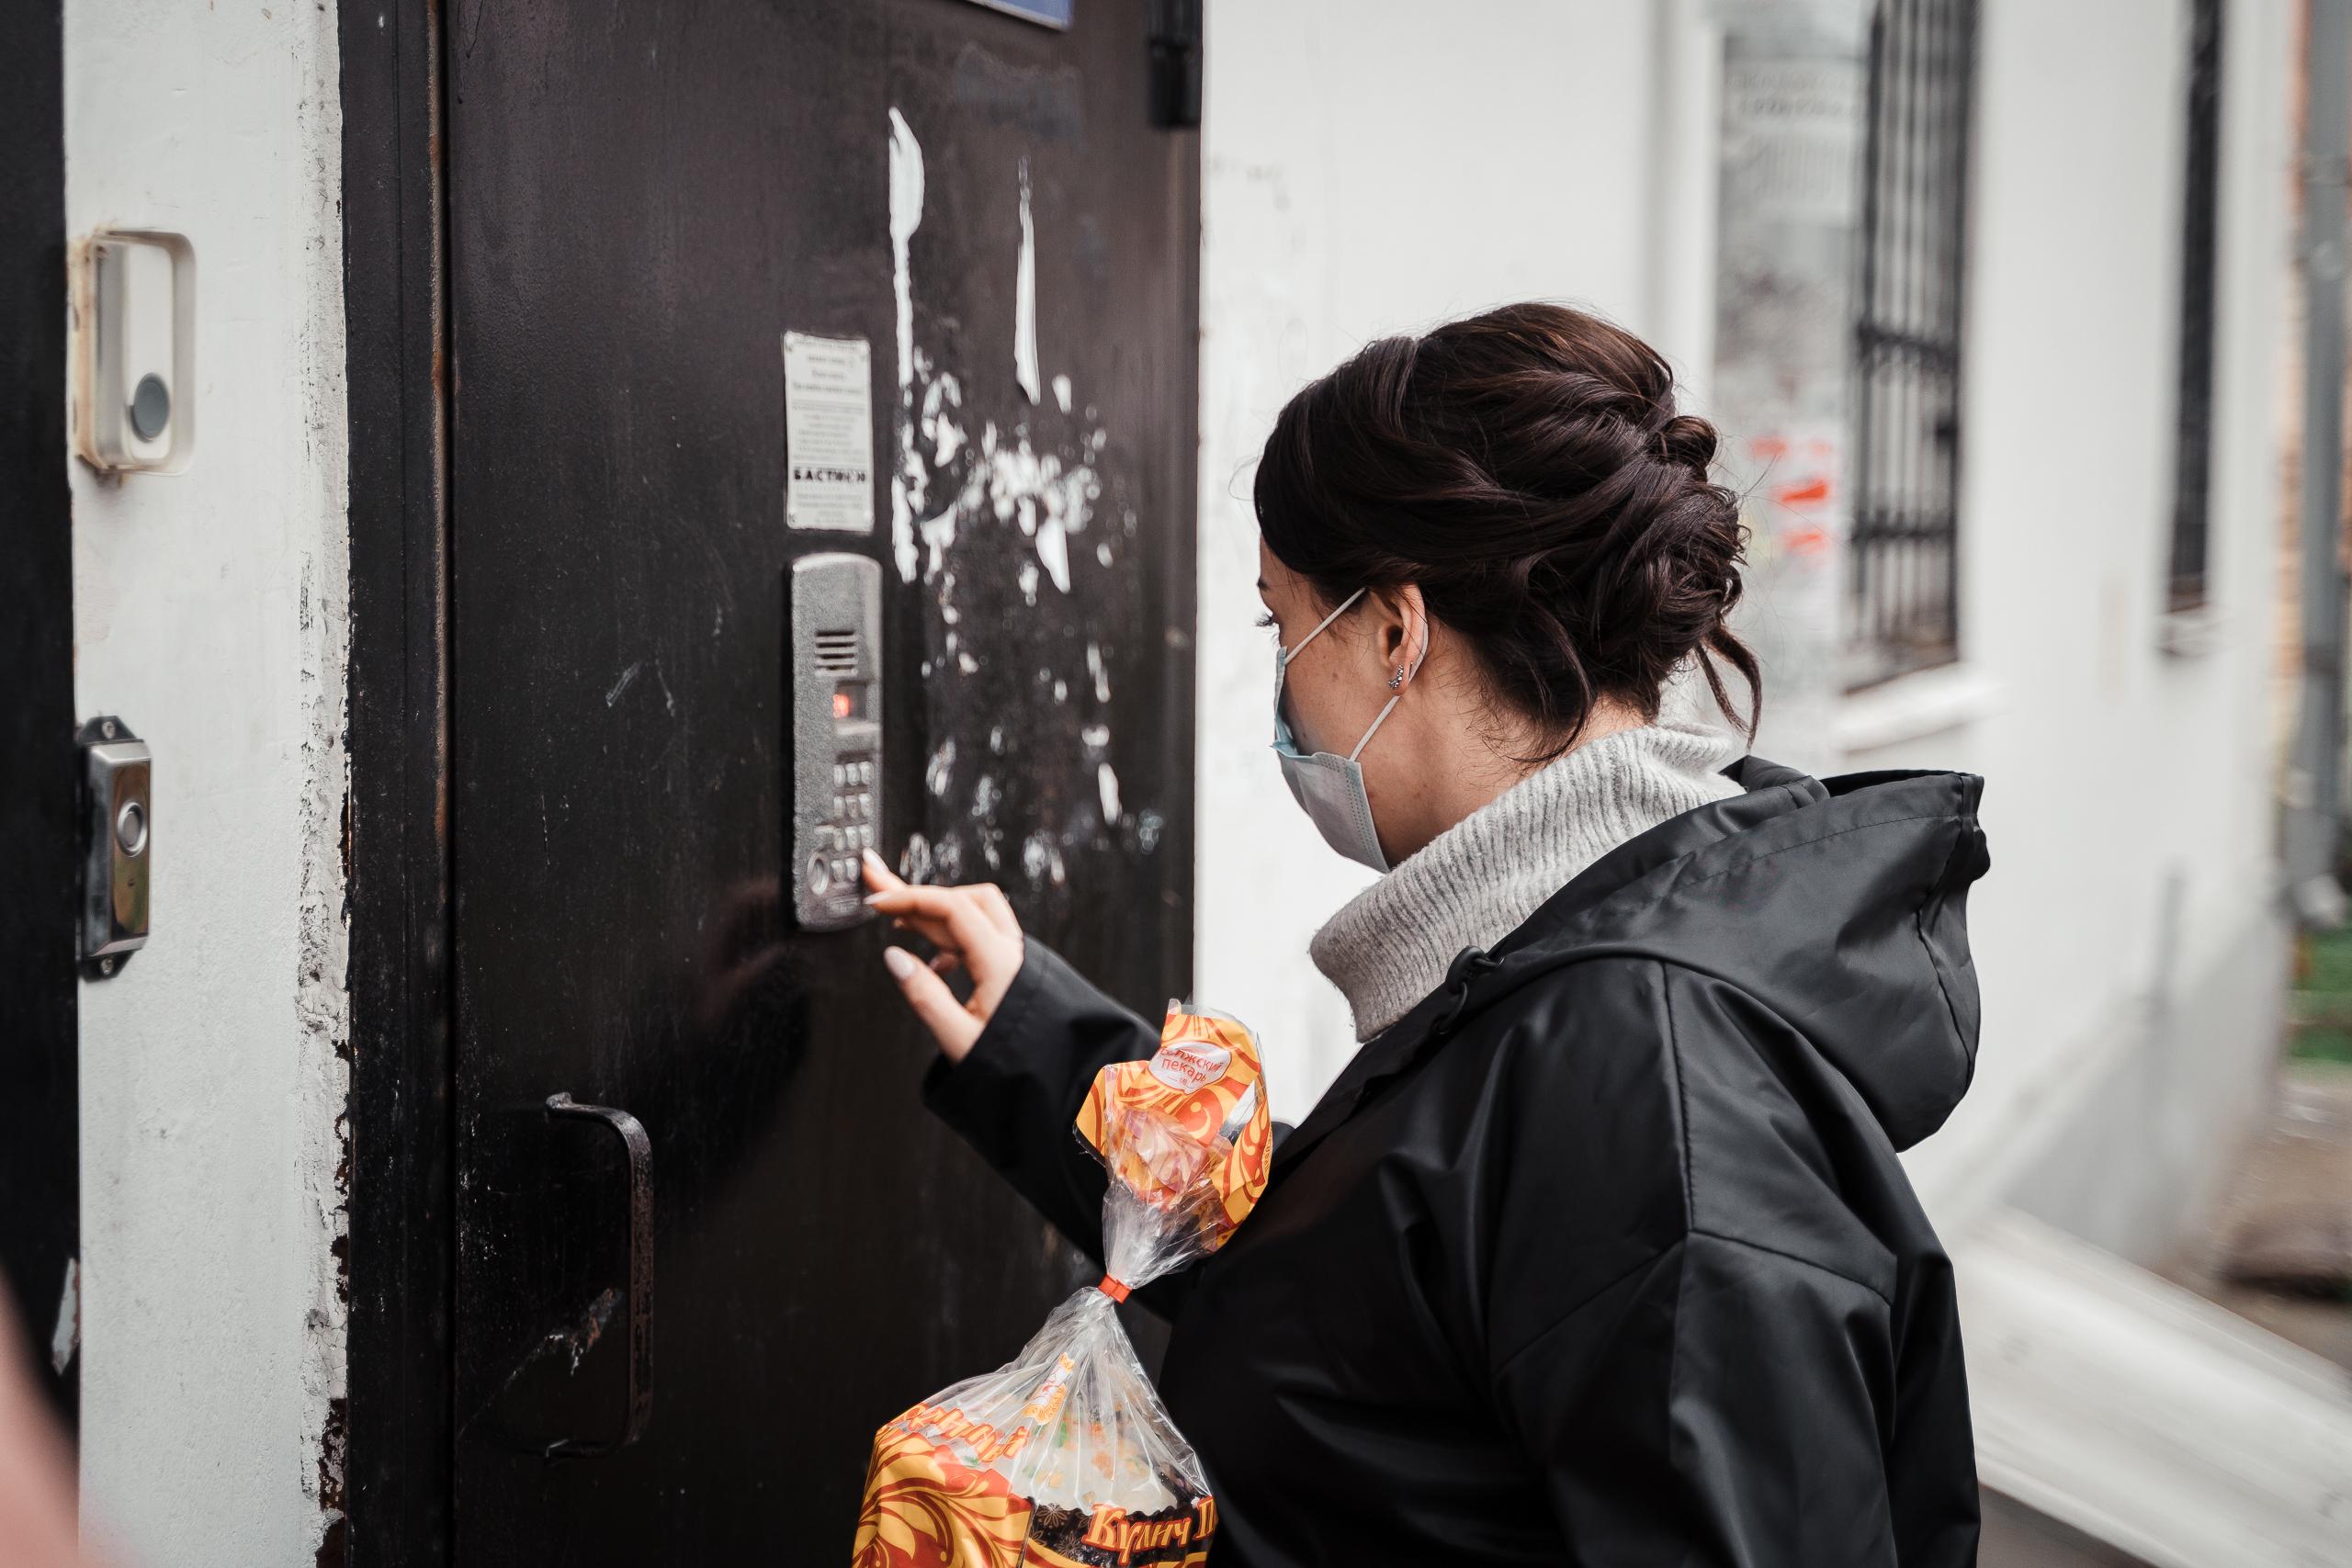 Куличи от волонтёров: тверские участники проекта #МыВместе объехали полсотни адресов